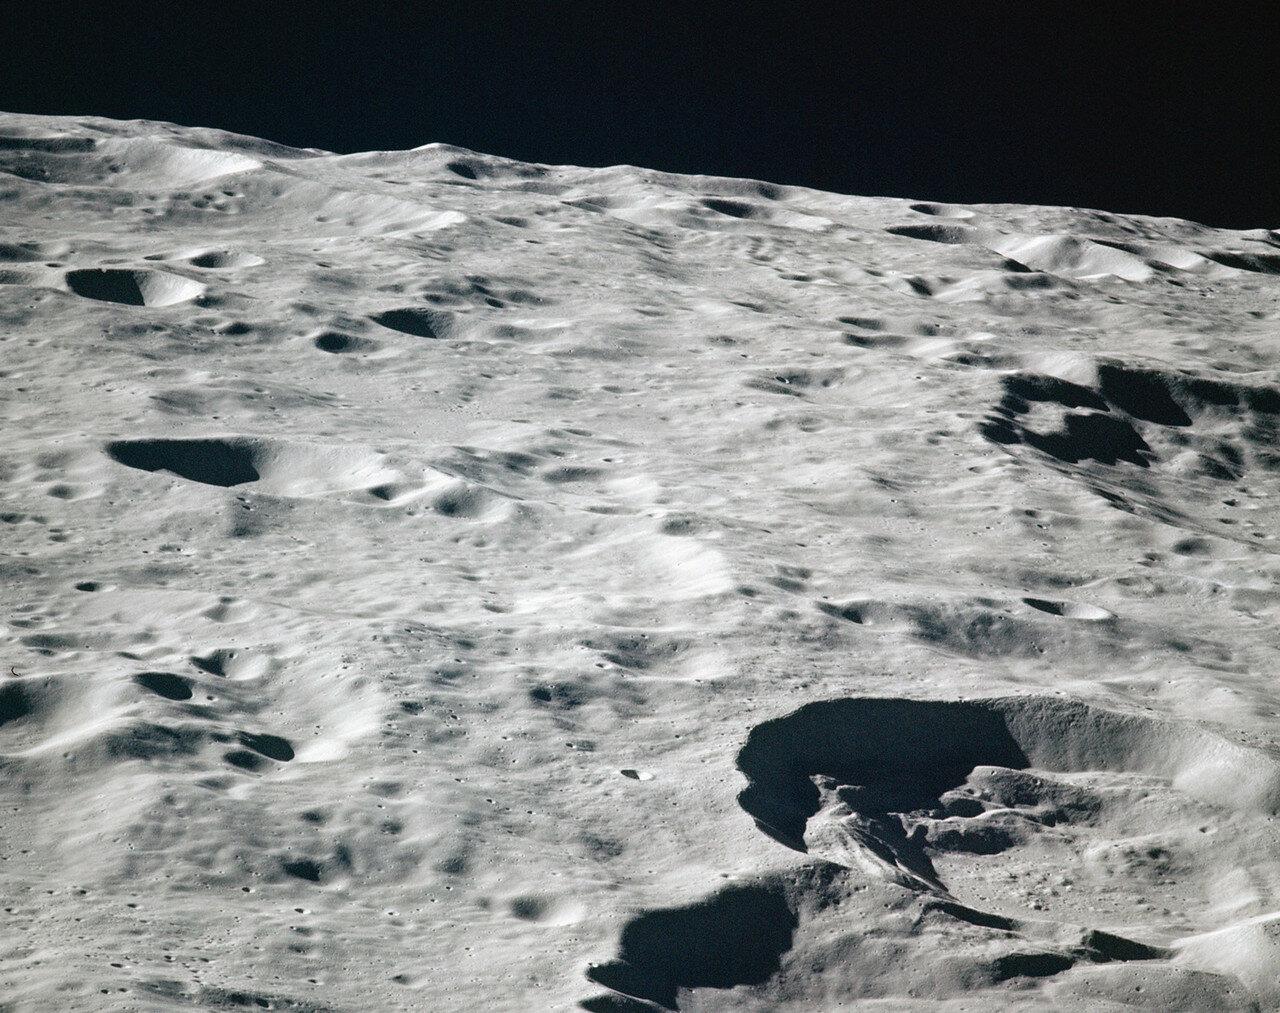 В начале четвёртого дня полёта экипаж начал подготовку к включению основного двигателя. Скорость корабля уменьшилась на 854,6 м/с, он вышел на эллиптическую окололунную орбиту.  На снимке: Лунные кратеры Ван Гент и Нагока